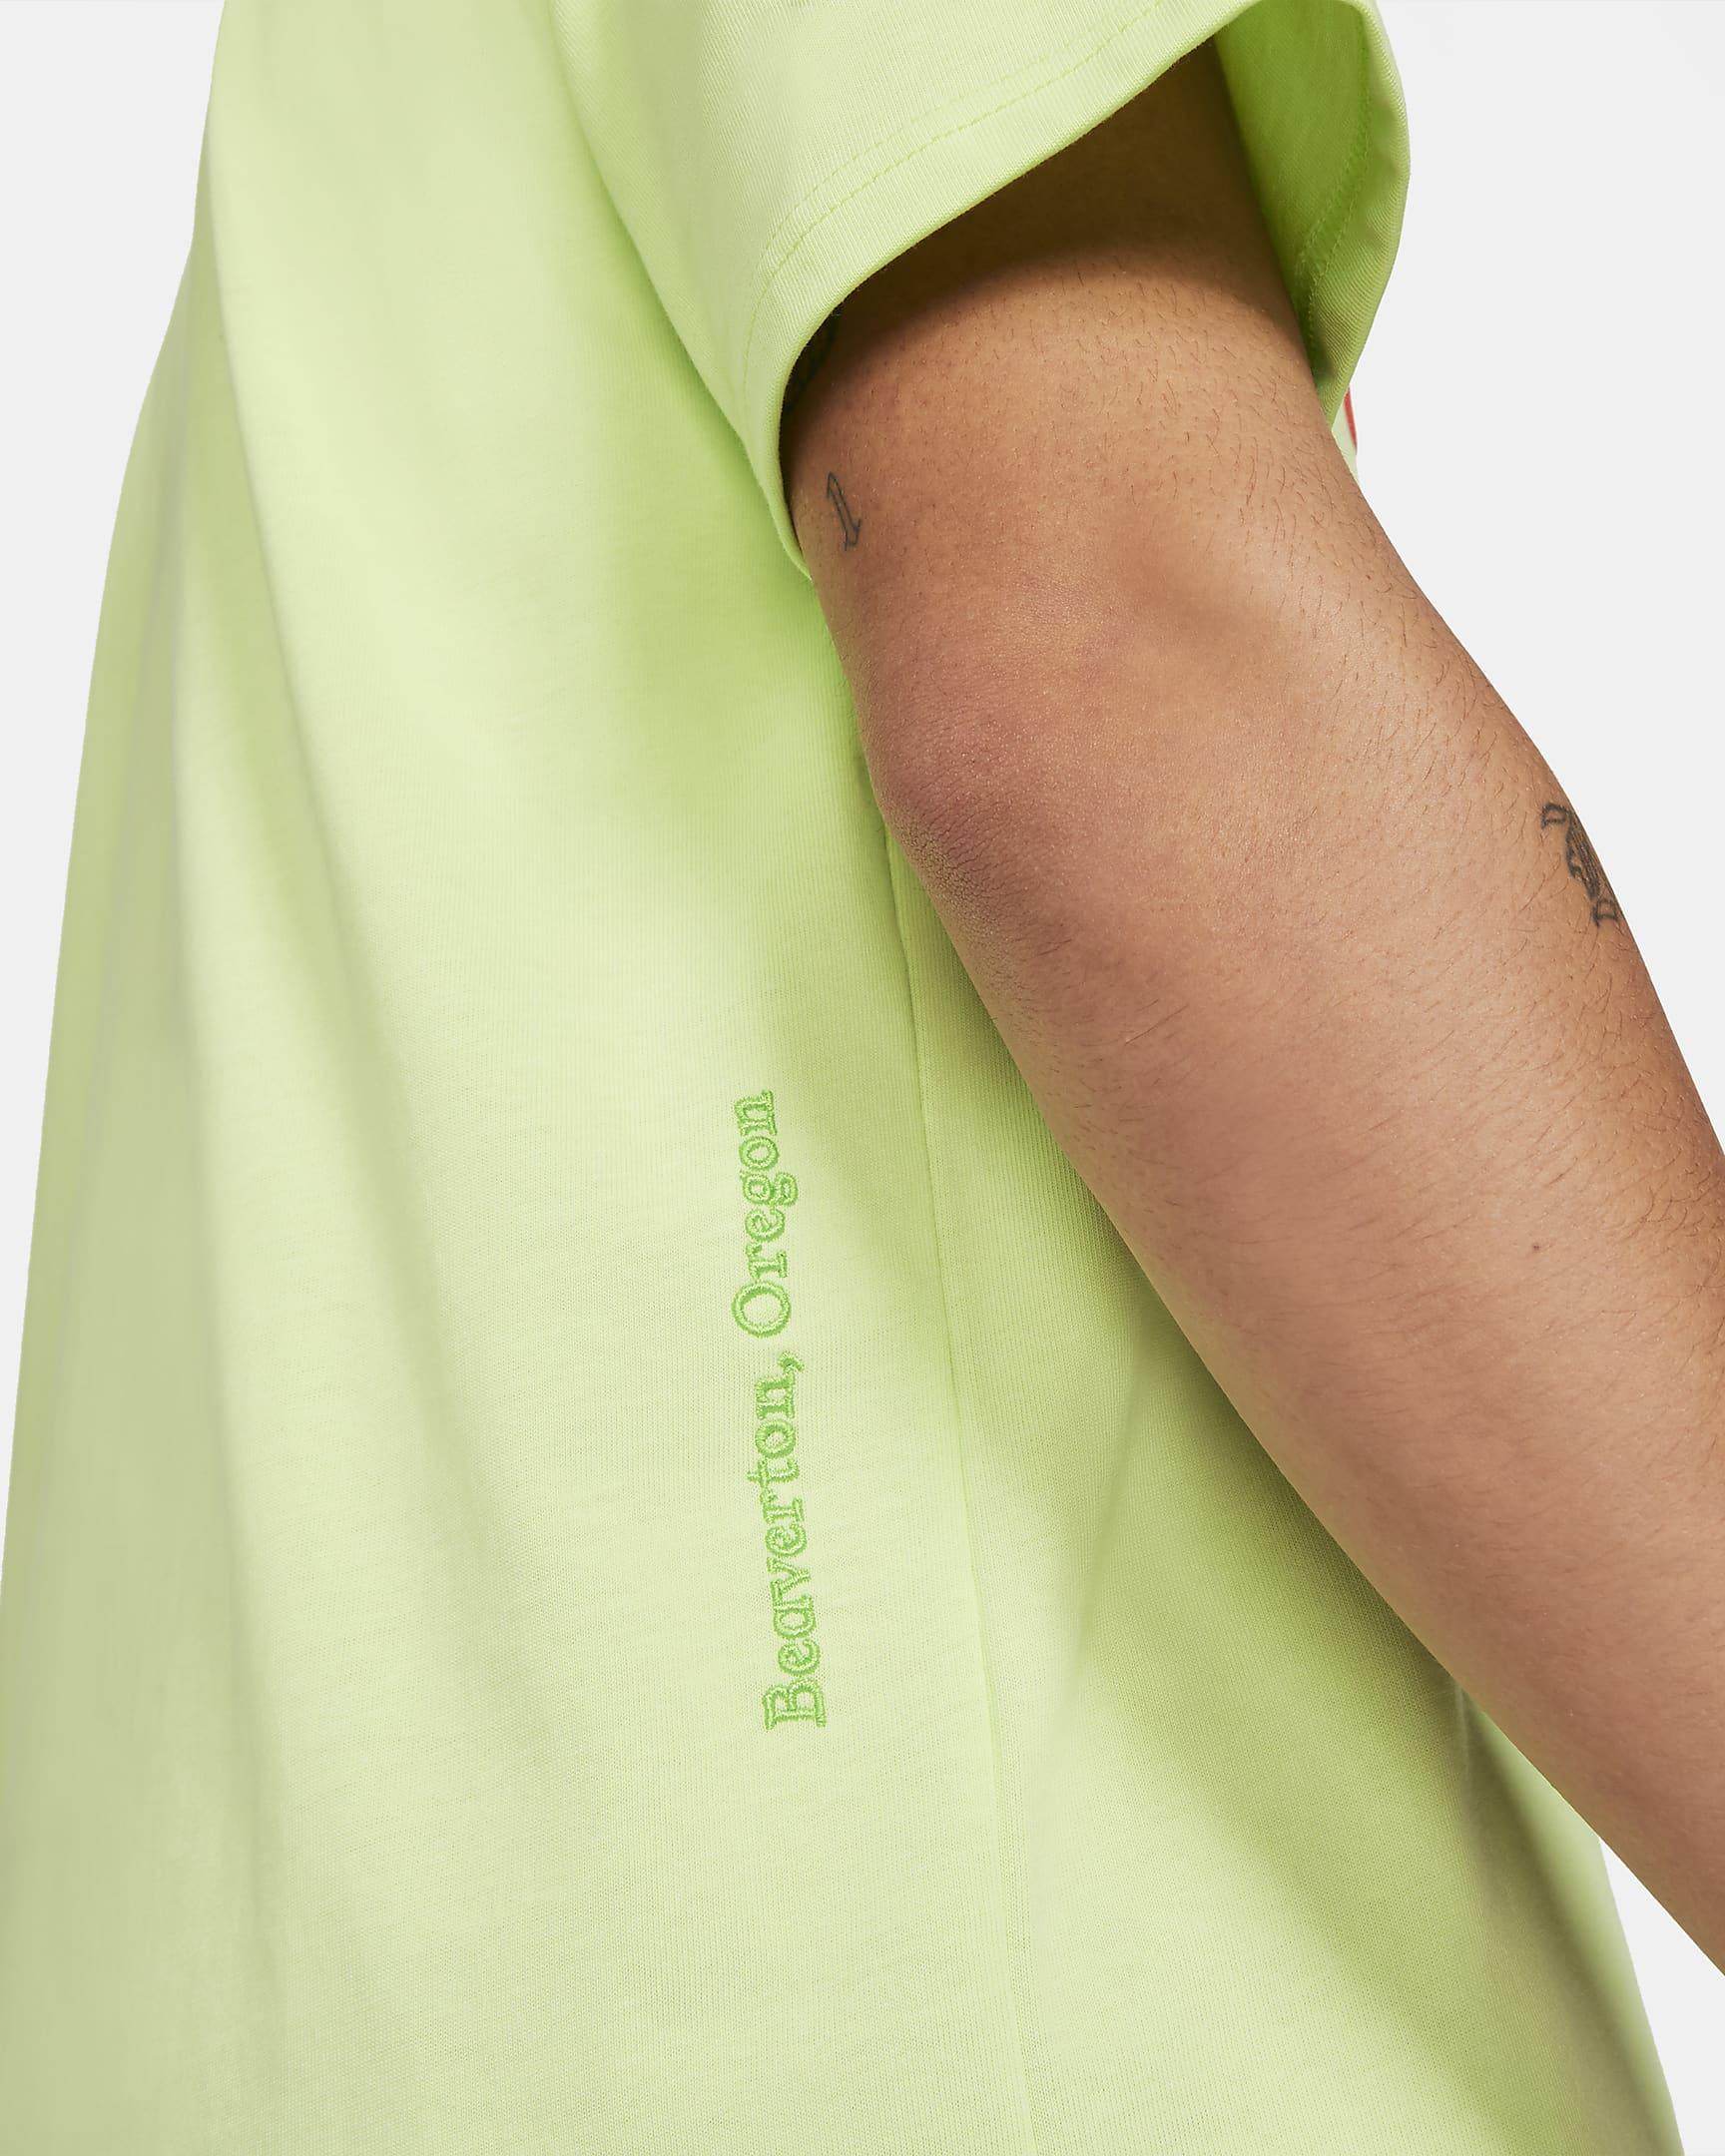 sportswear-mens-t-shirt-Xjt6LN-2